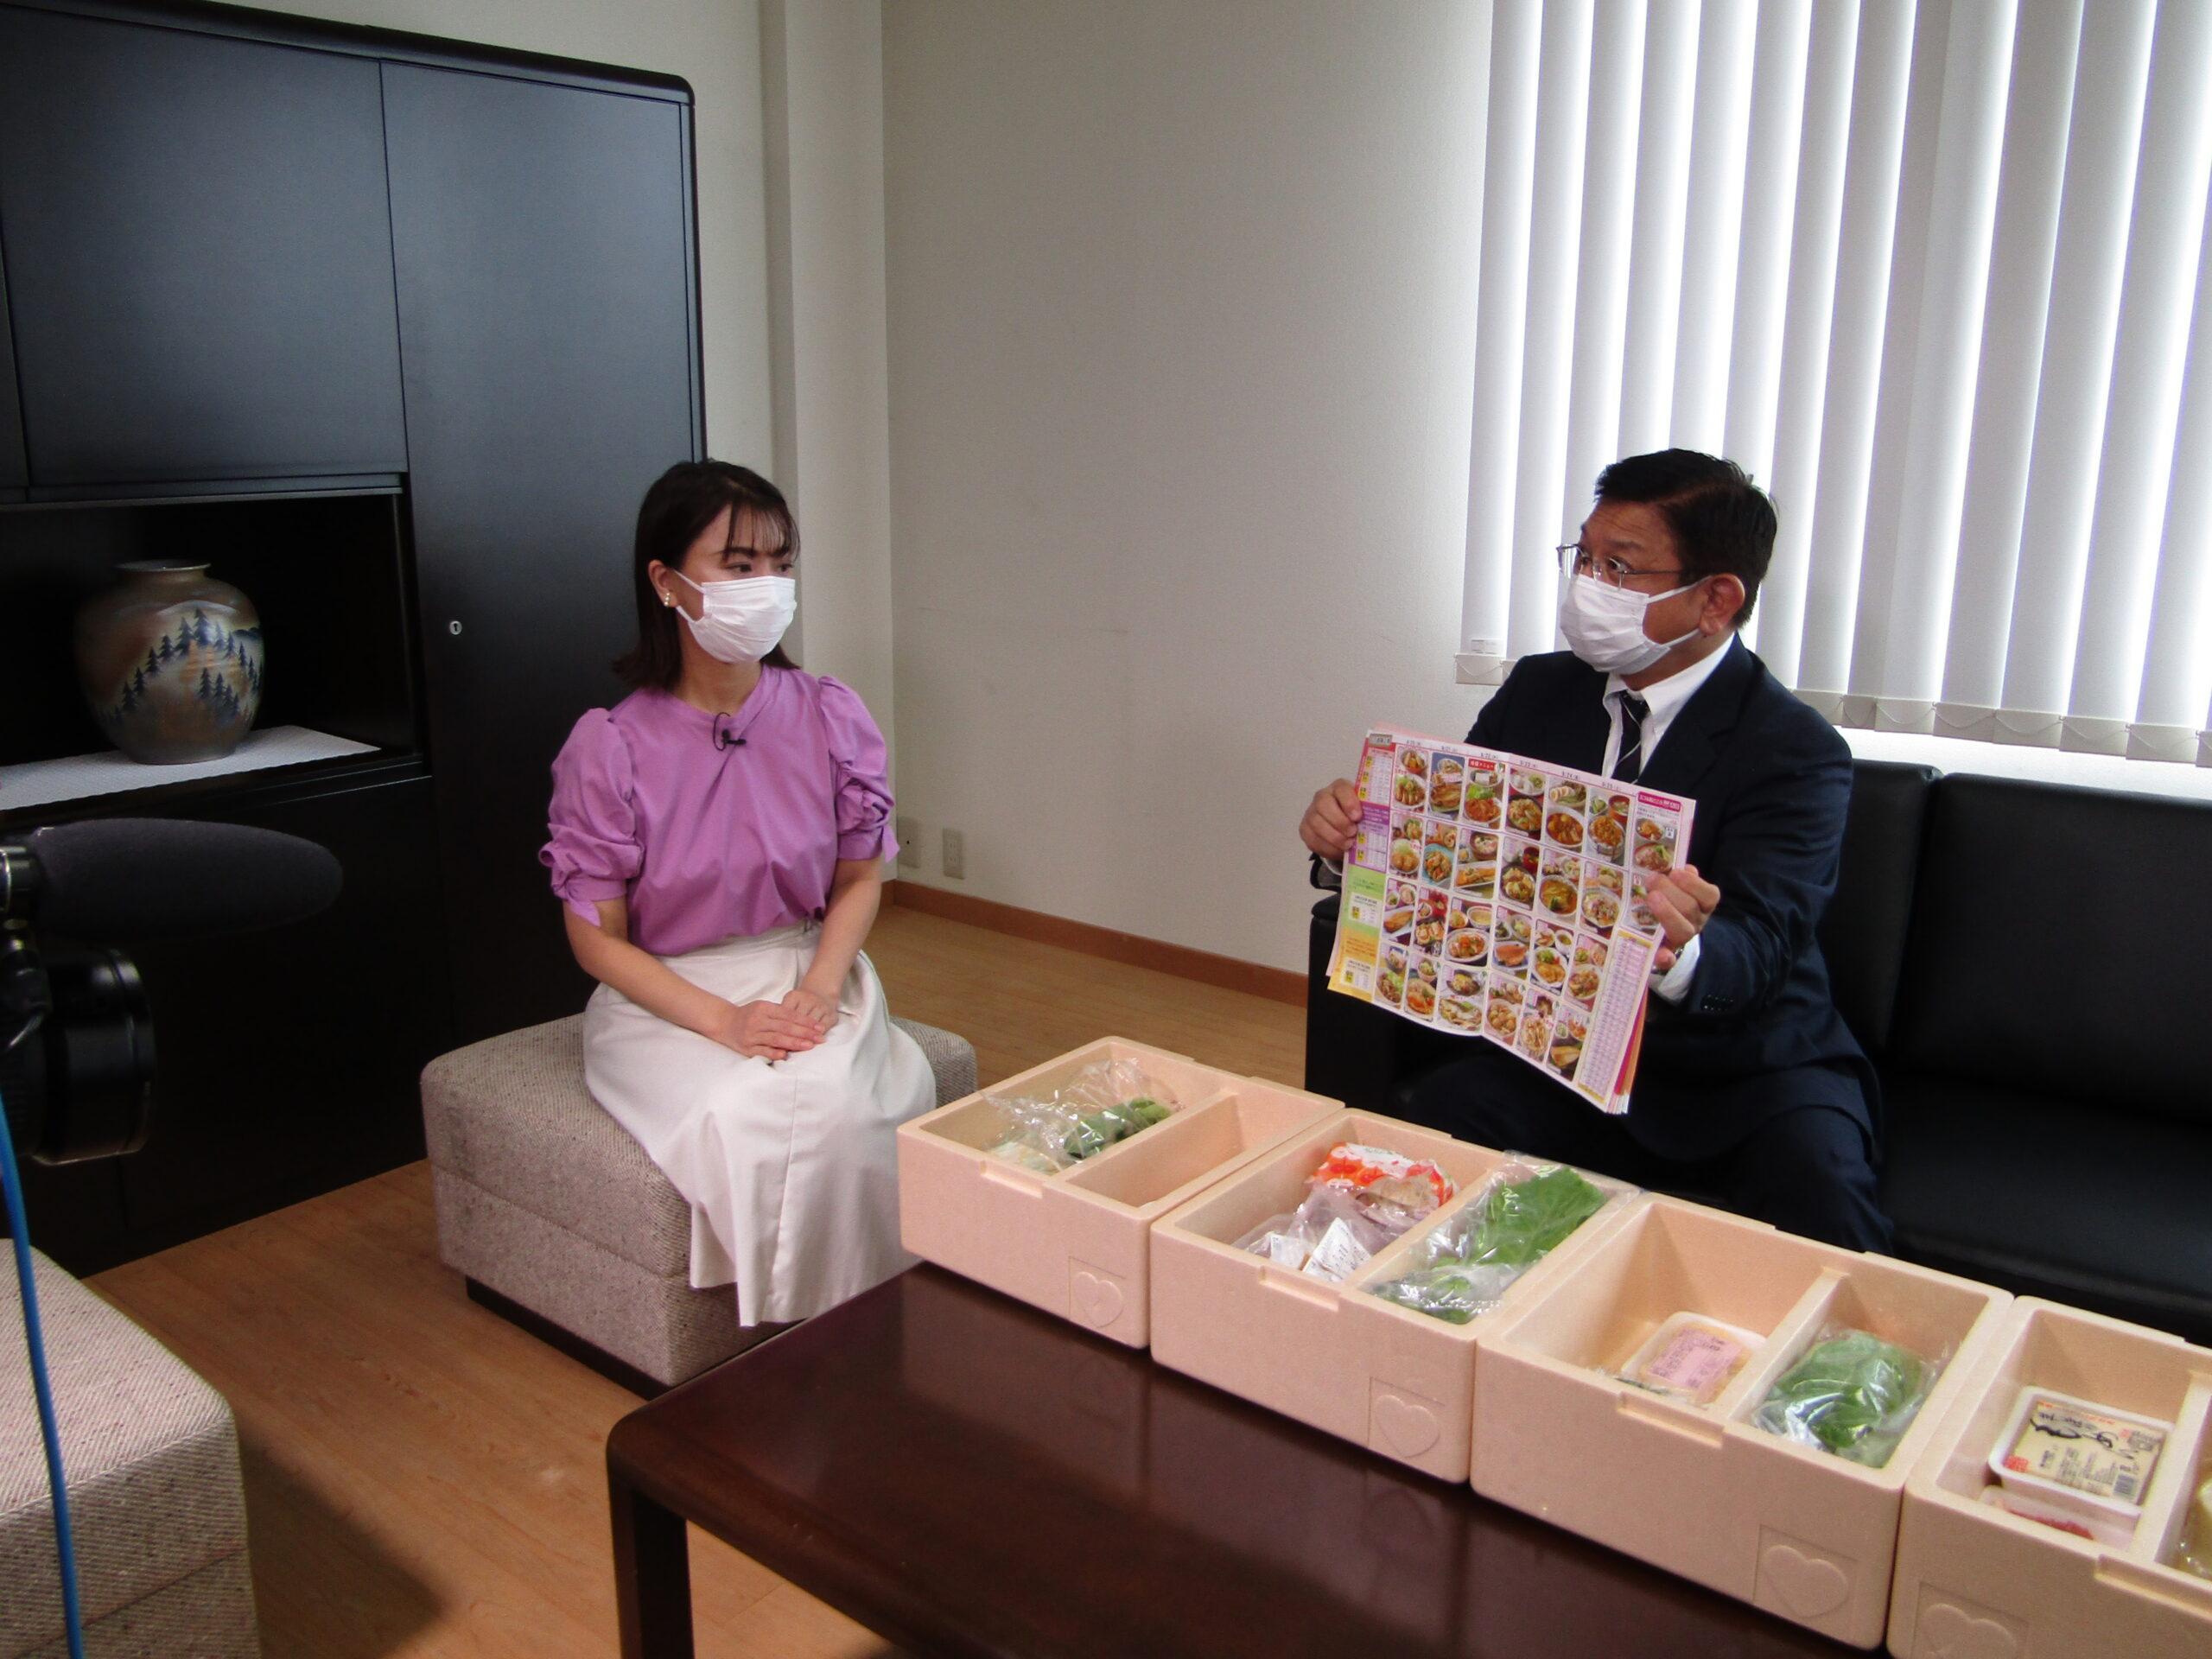 【メディア掲載】9/23放送!東海テレビ「スイッチ!」の取材を受けました★